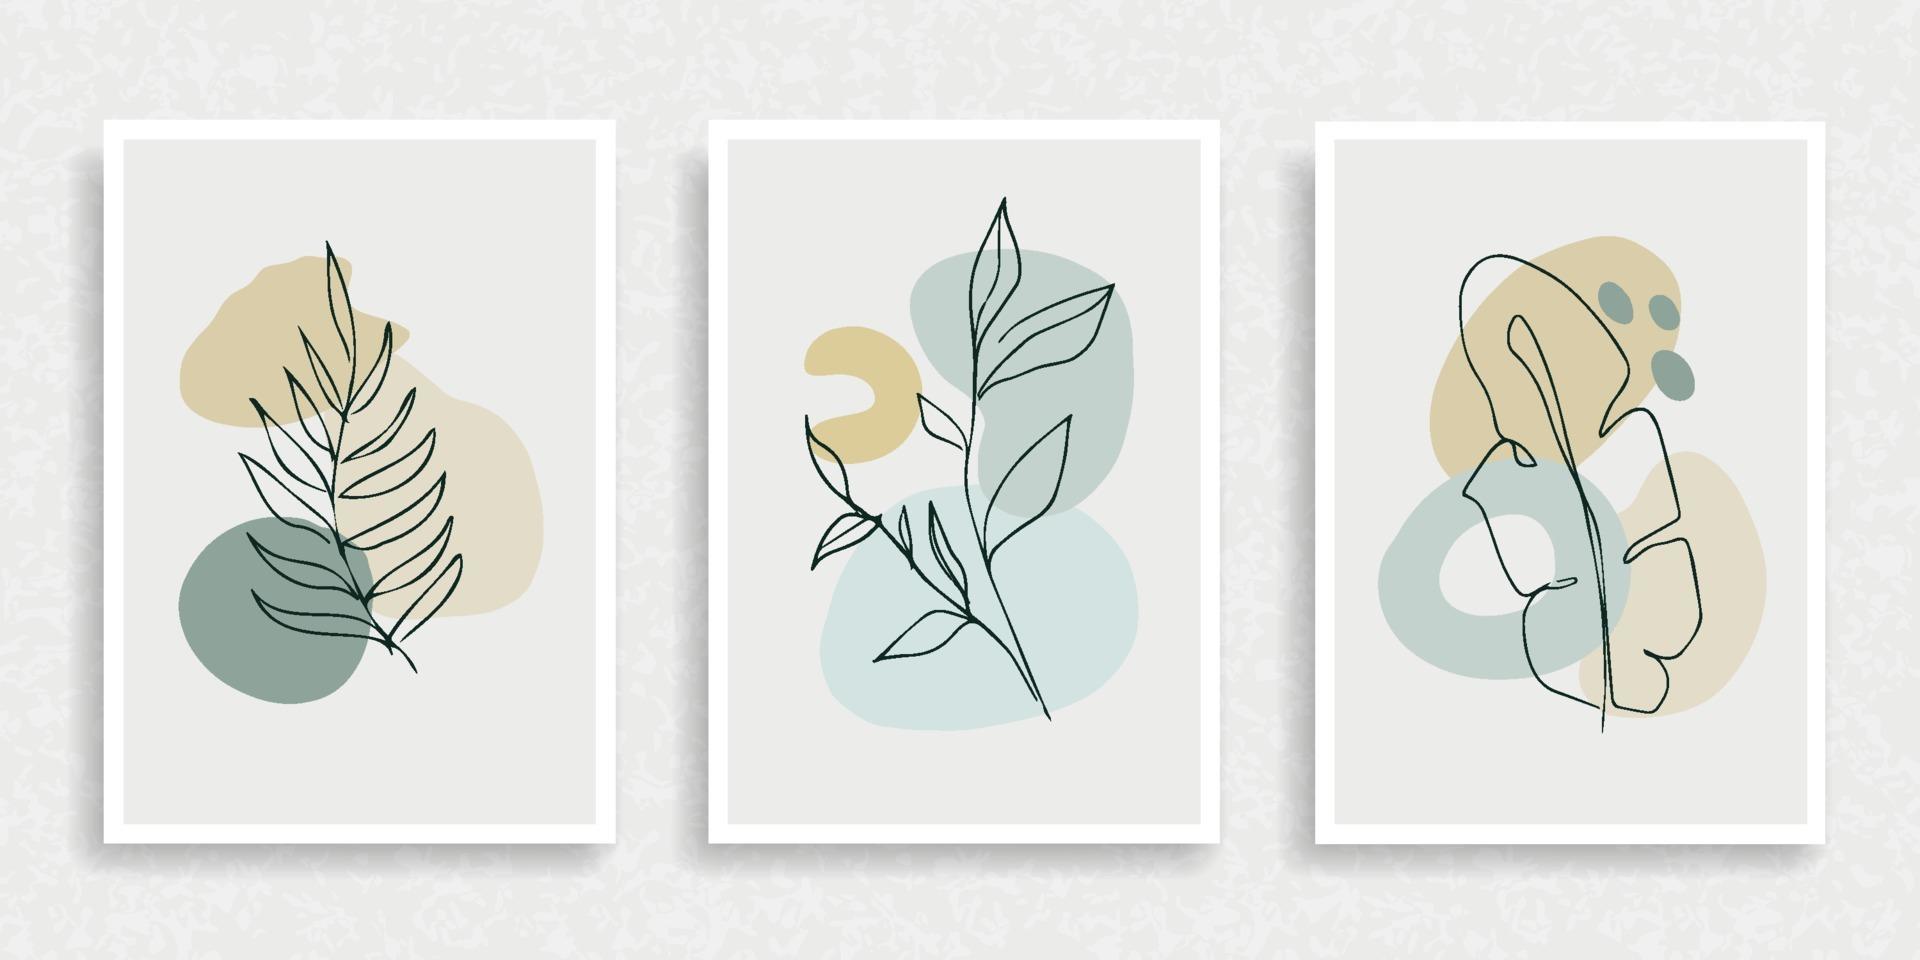 abstrakt växt konst affisch vektor set